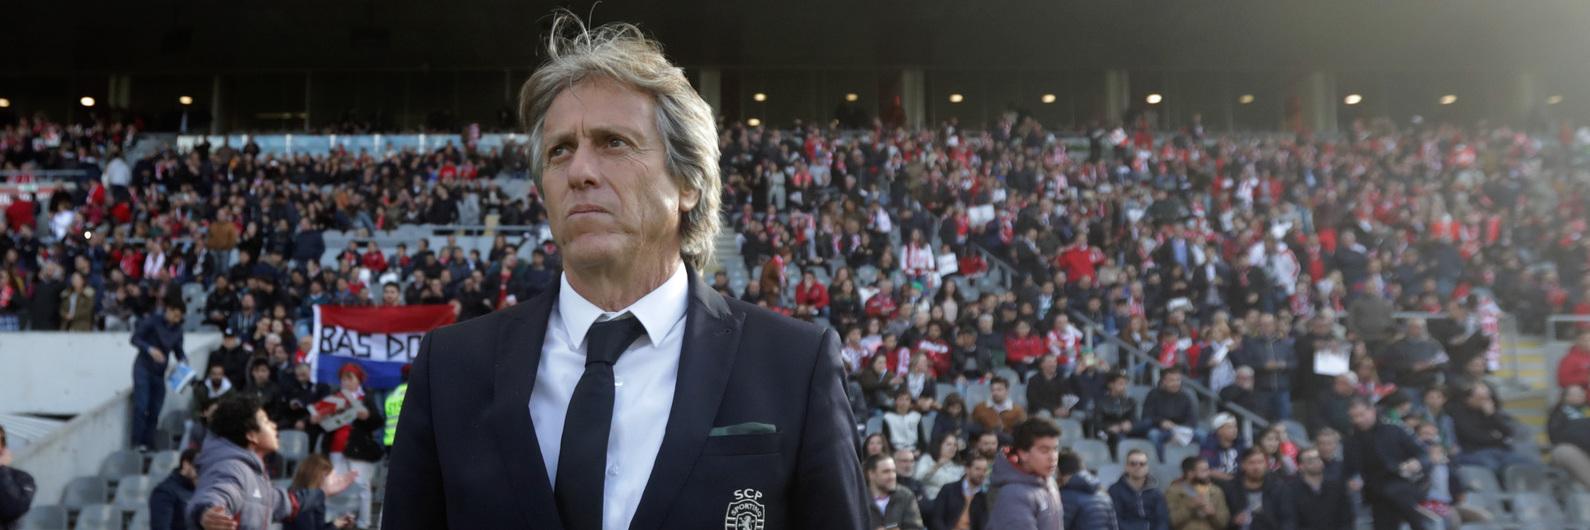 """Jorge Jesus: """"Era uma grande injustiça se o Sporting não saísse vencedor"""""""